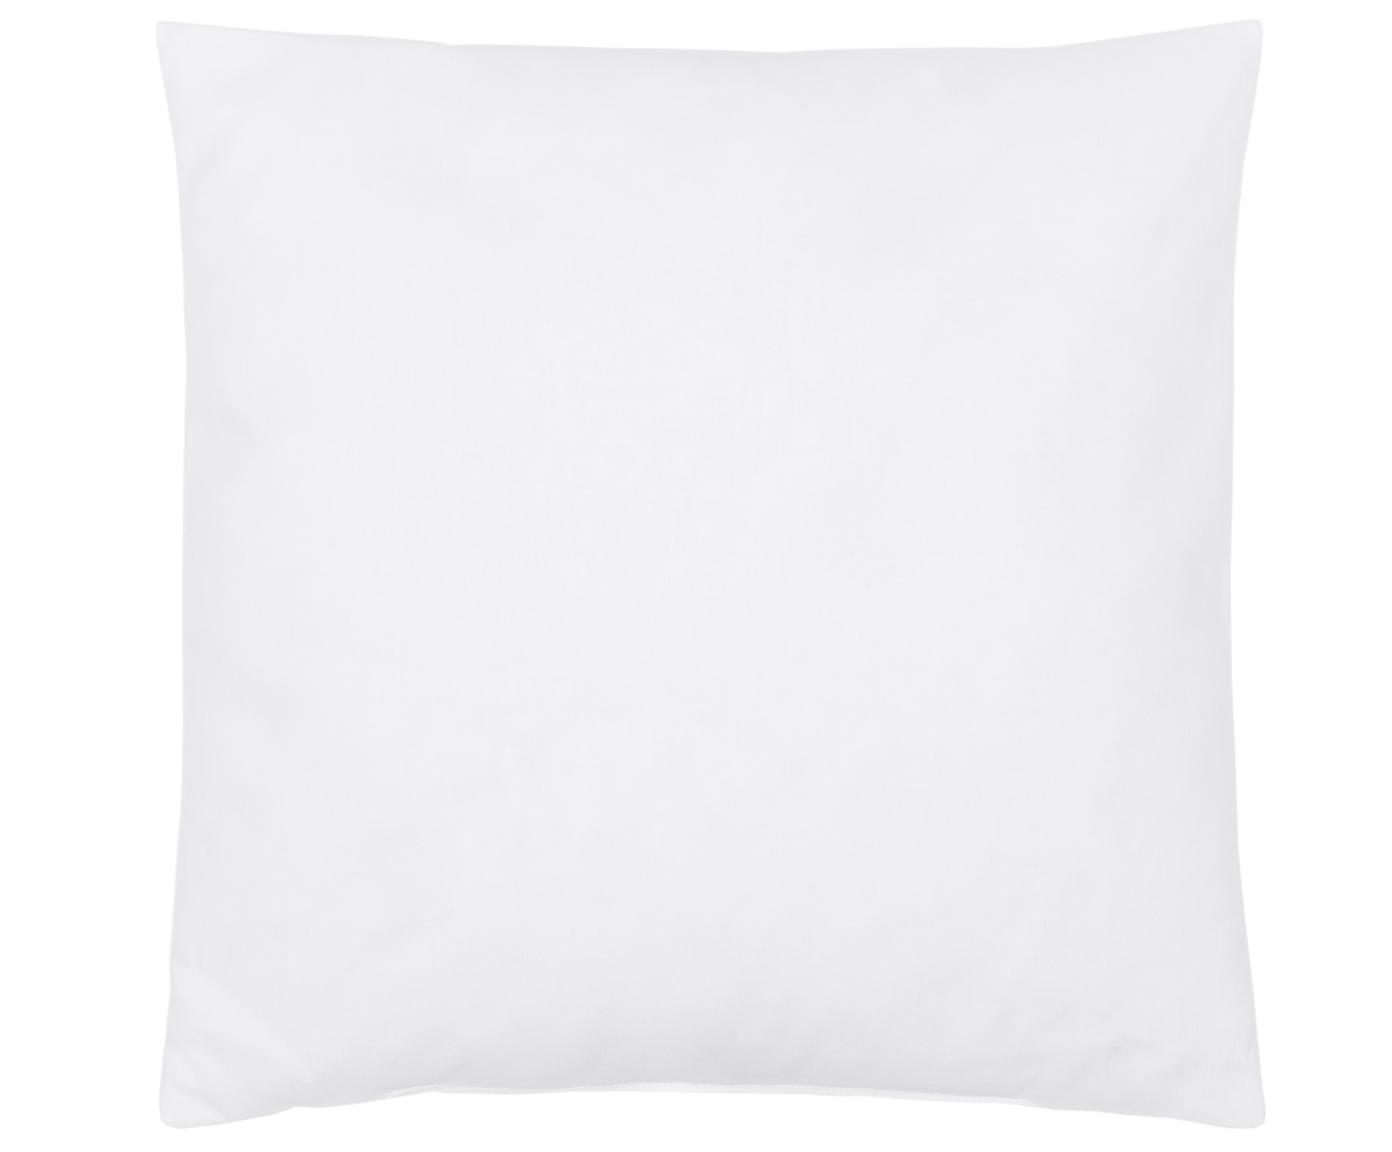 Kissen-Inlett Sia, 40x40, Microfaser-Füllung, Hülle: 100% Baumwolle, Weiss, 40 x 40 cm